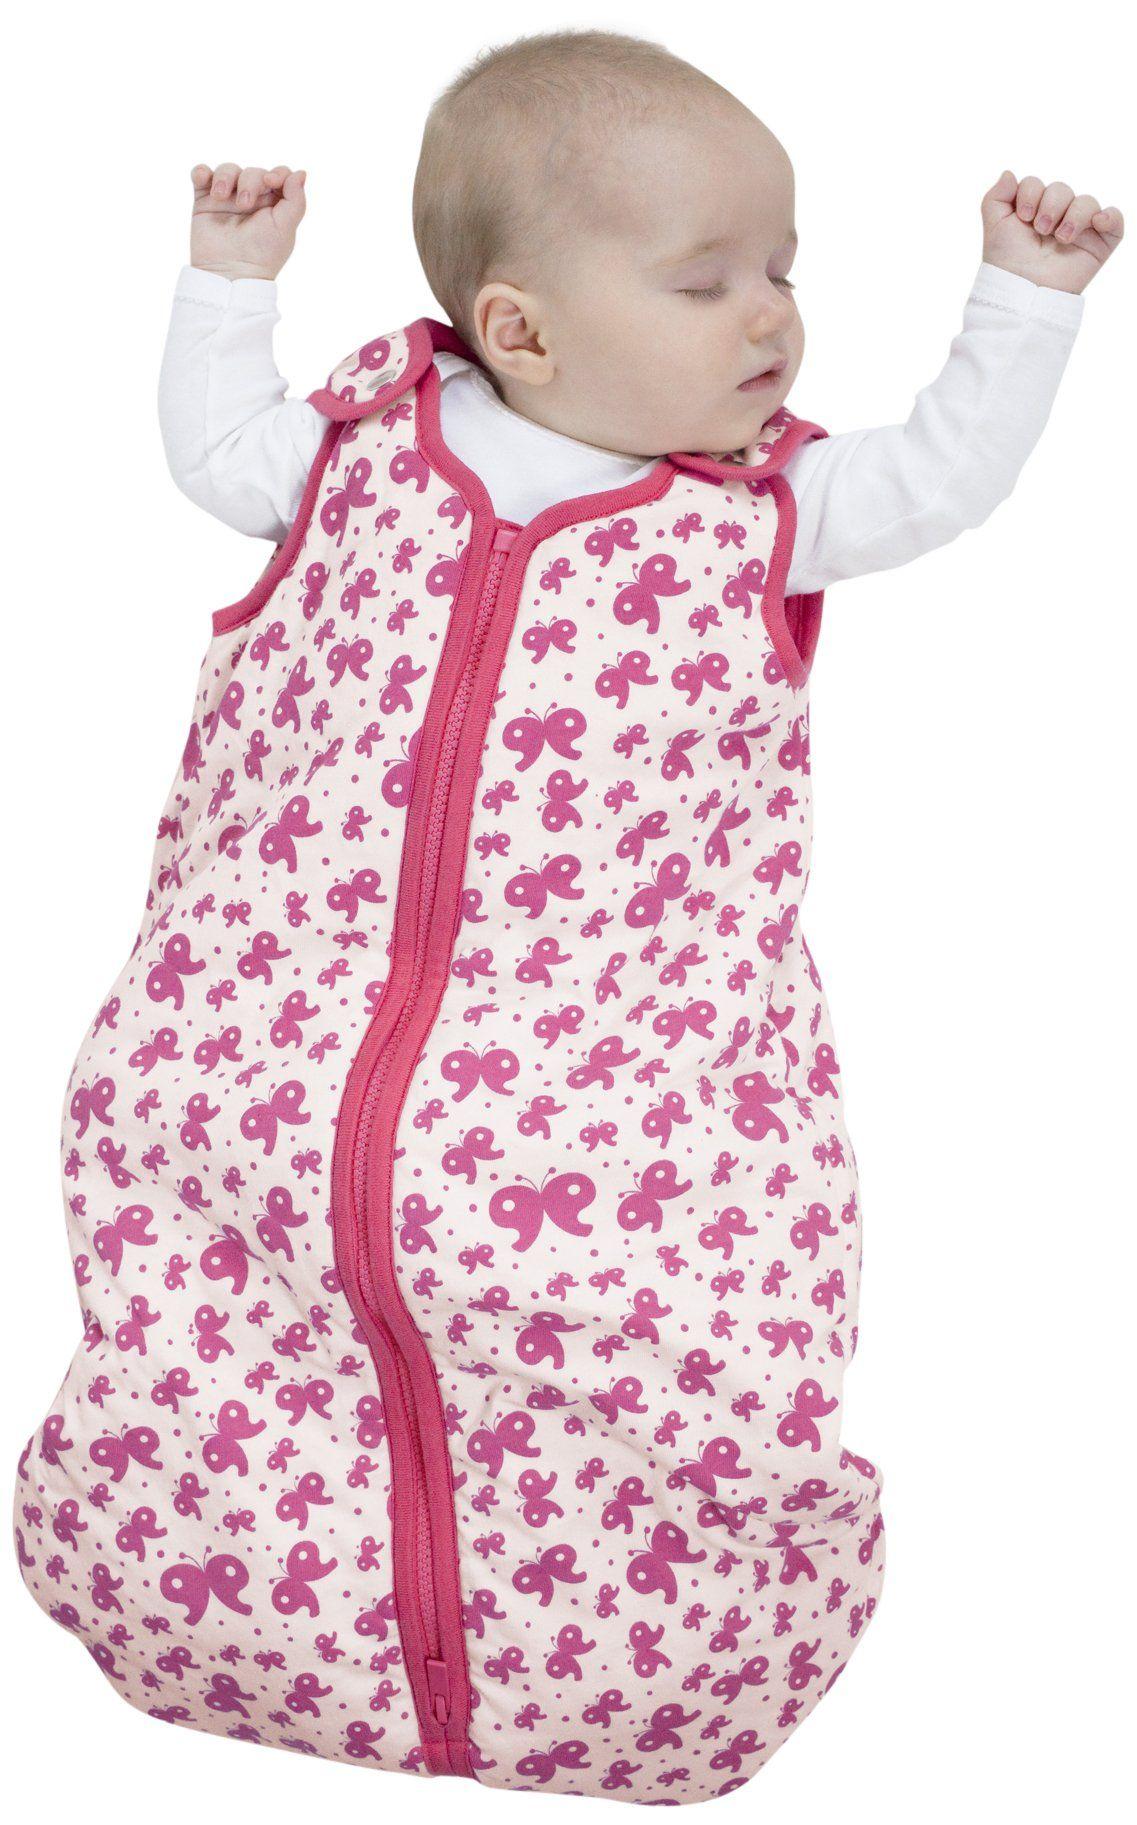 Baby Deedee Sleep Nest Sleeping Bag Hy Erflies Large 18 36 Months